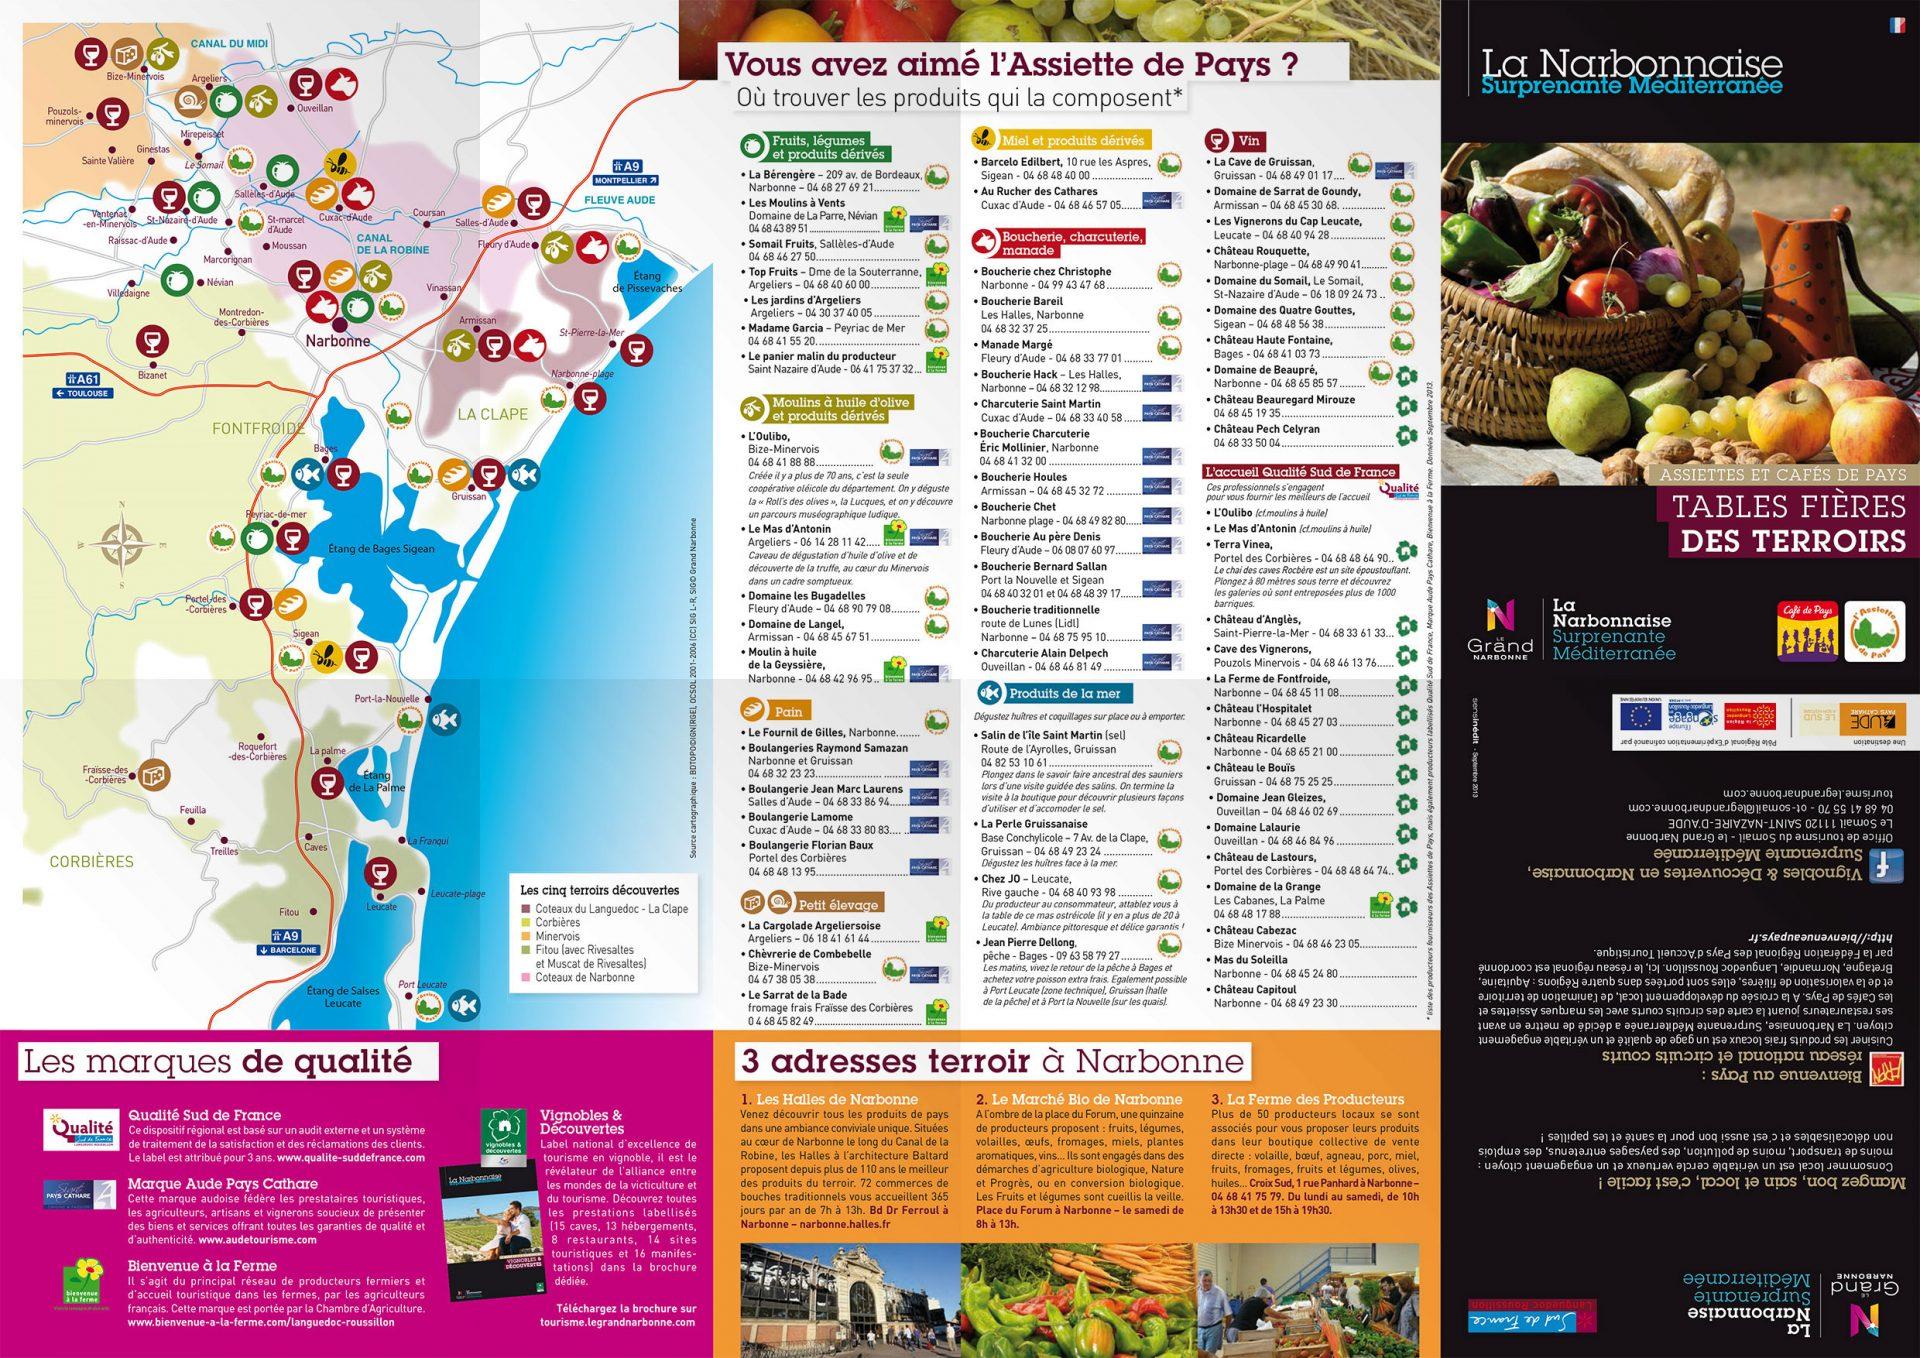 Carte-assiette-de-pays-01.jpg